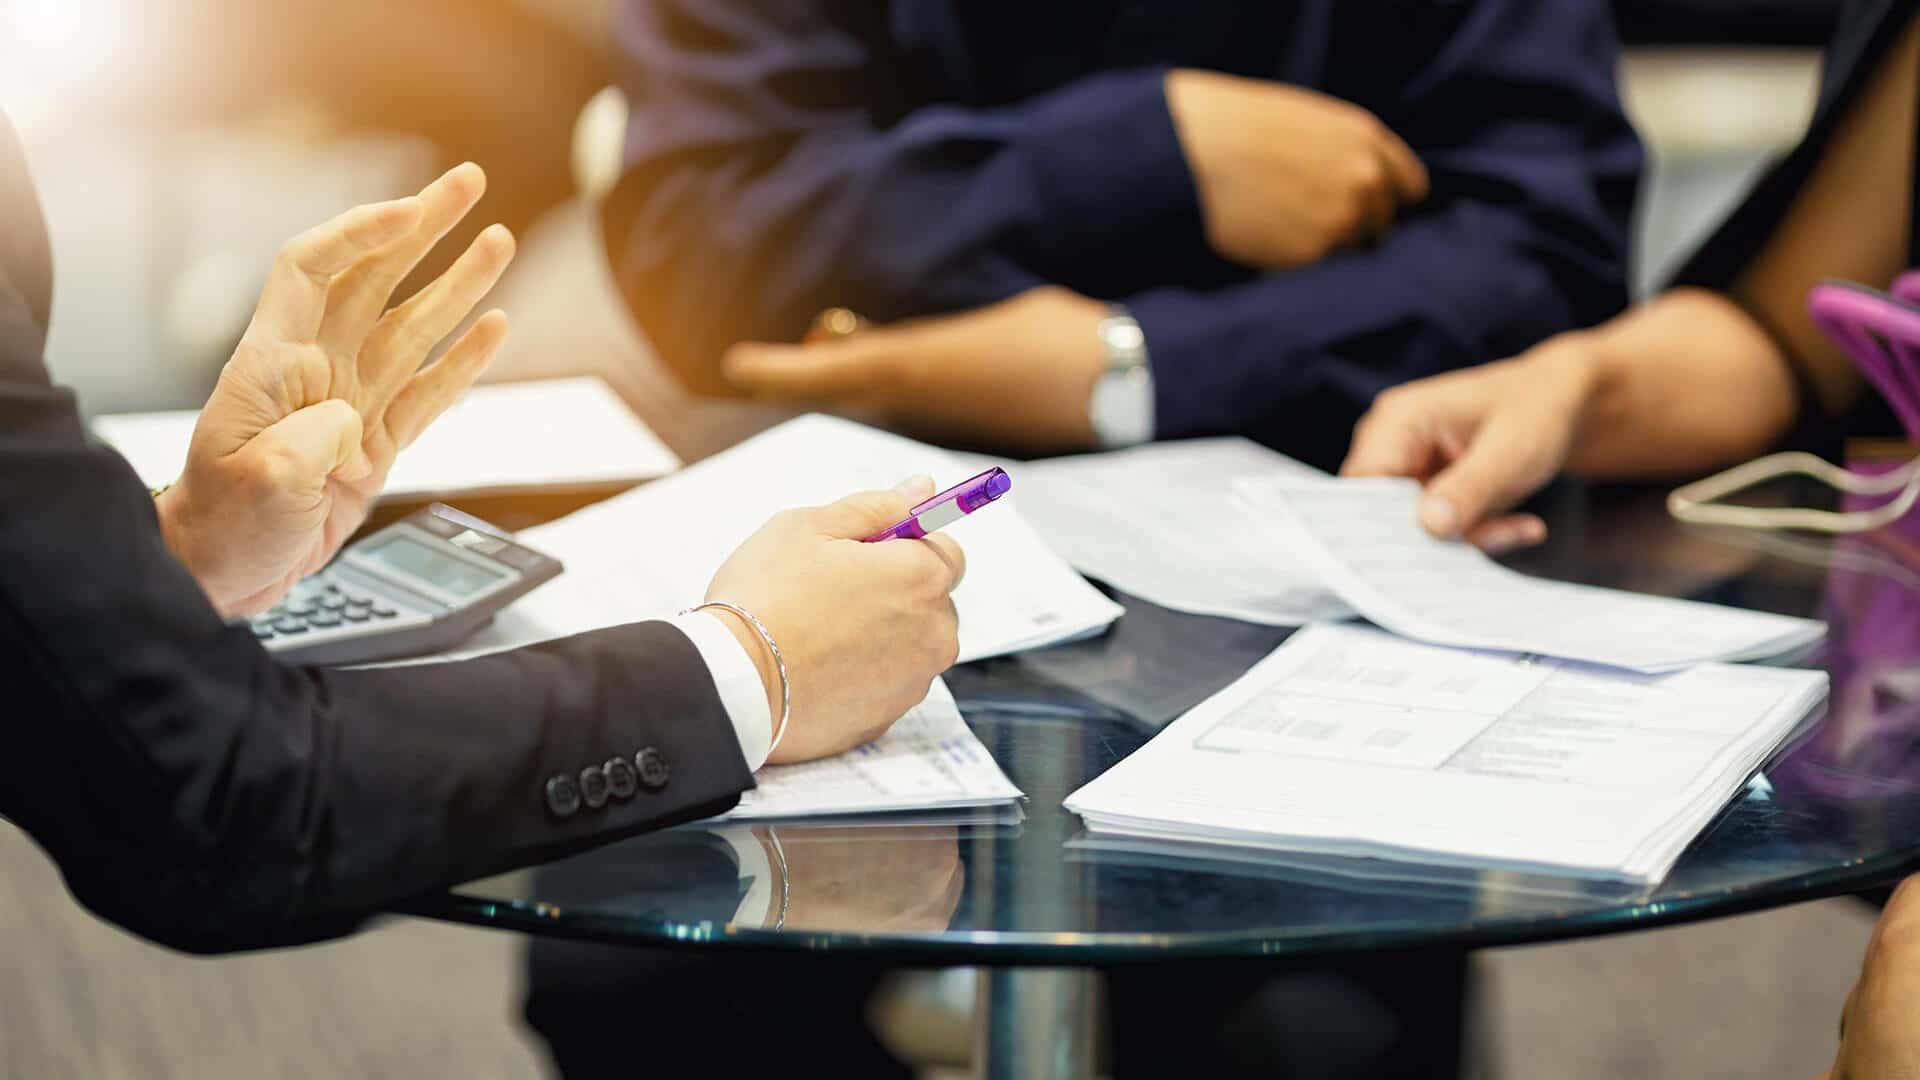 Вас просят стать поручителем по кредиту. Каковы последствия?